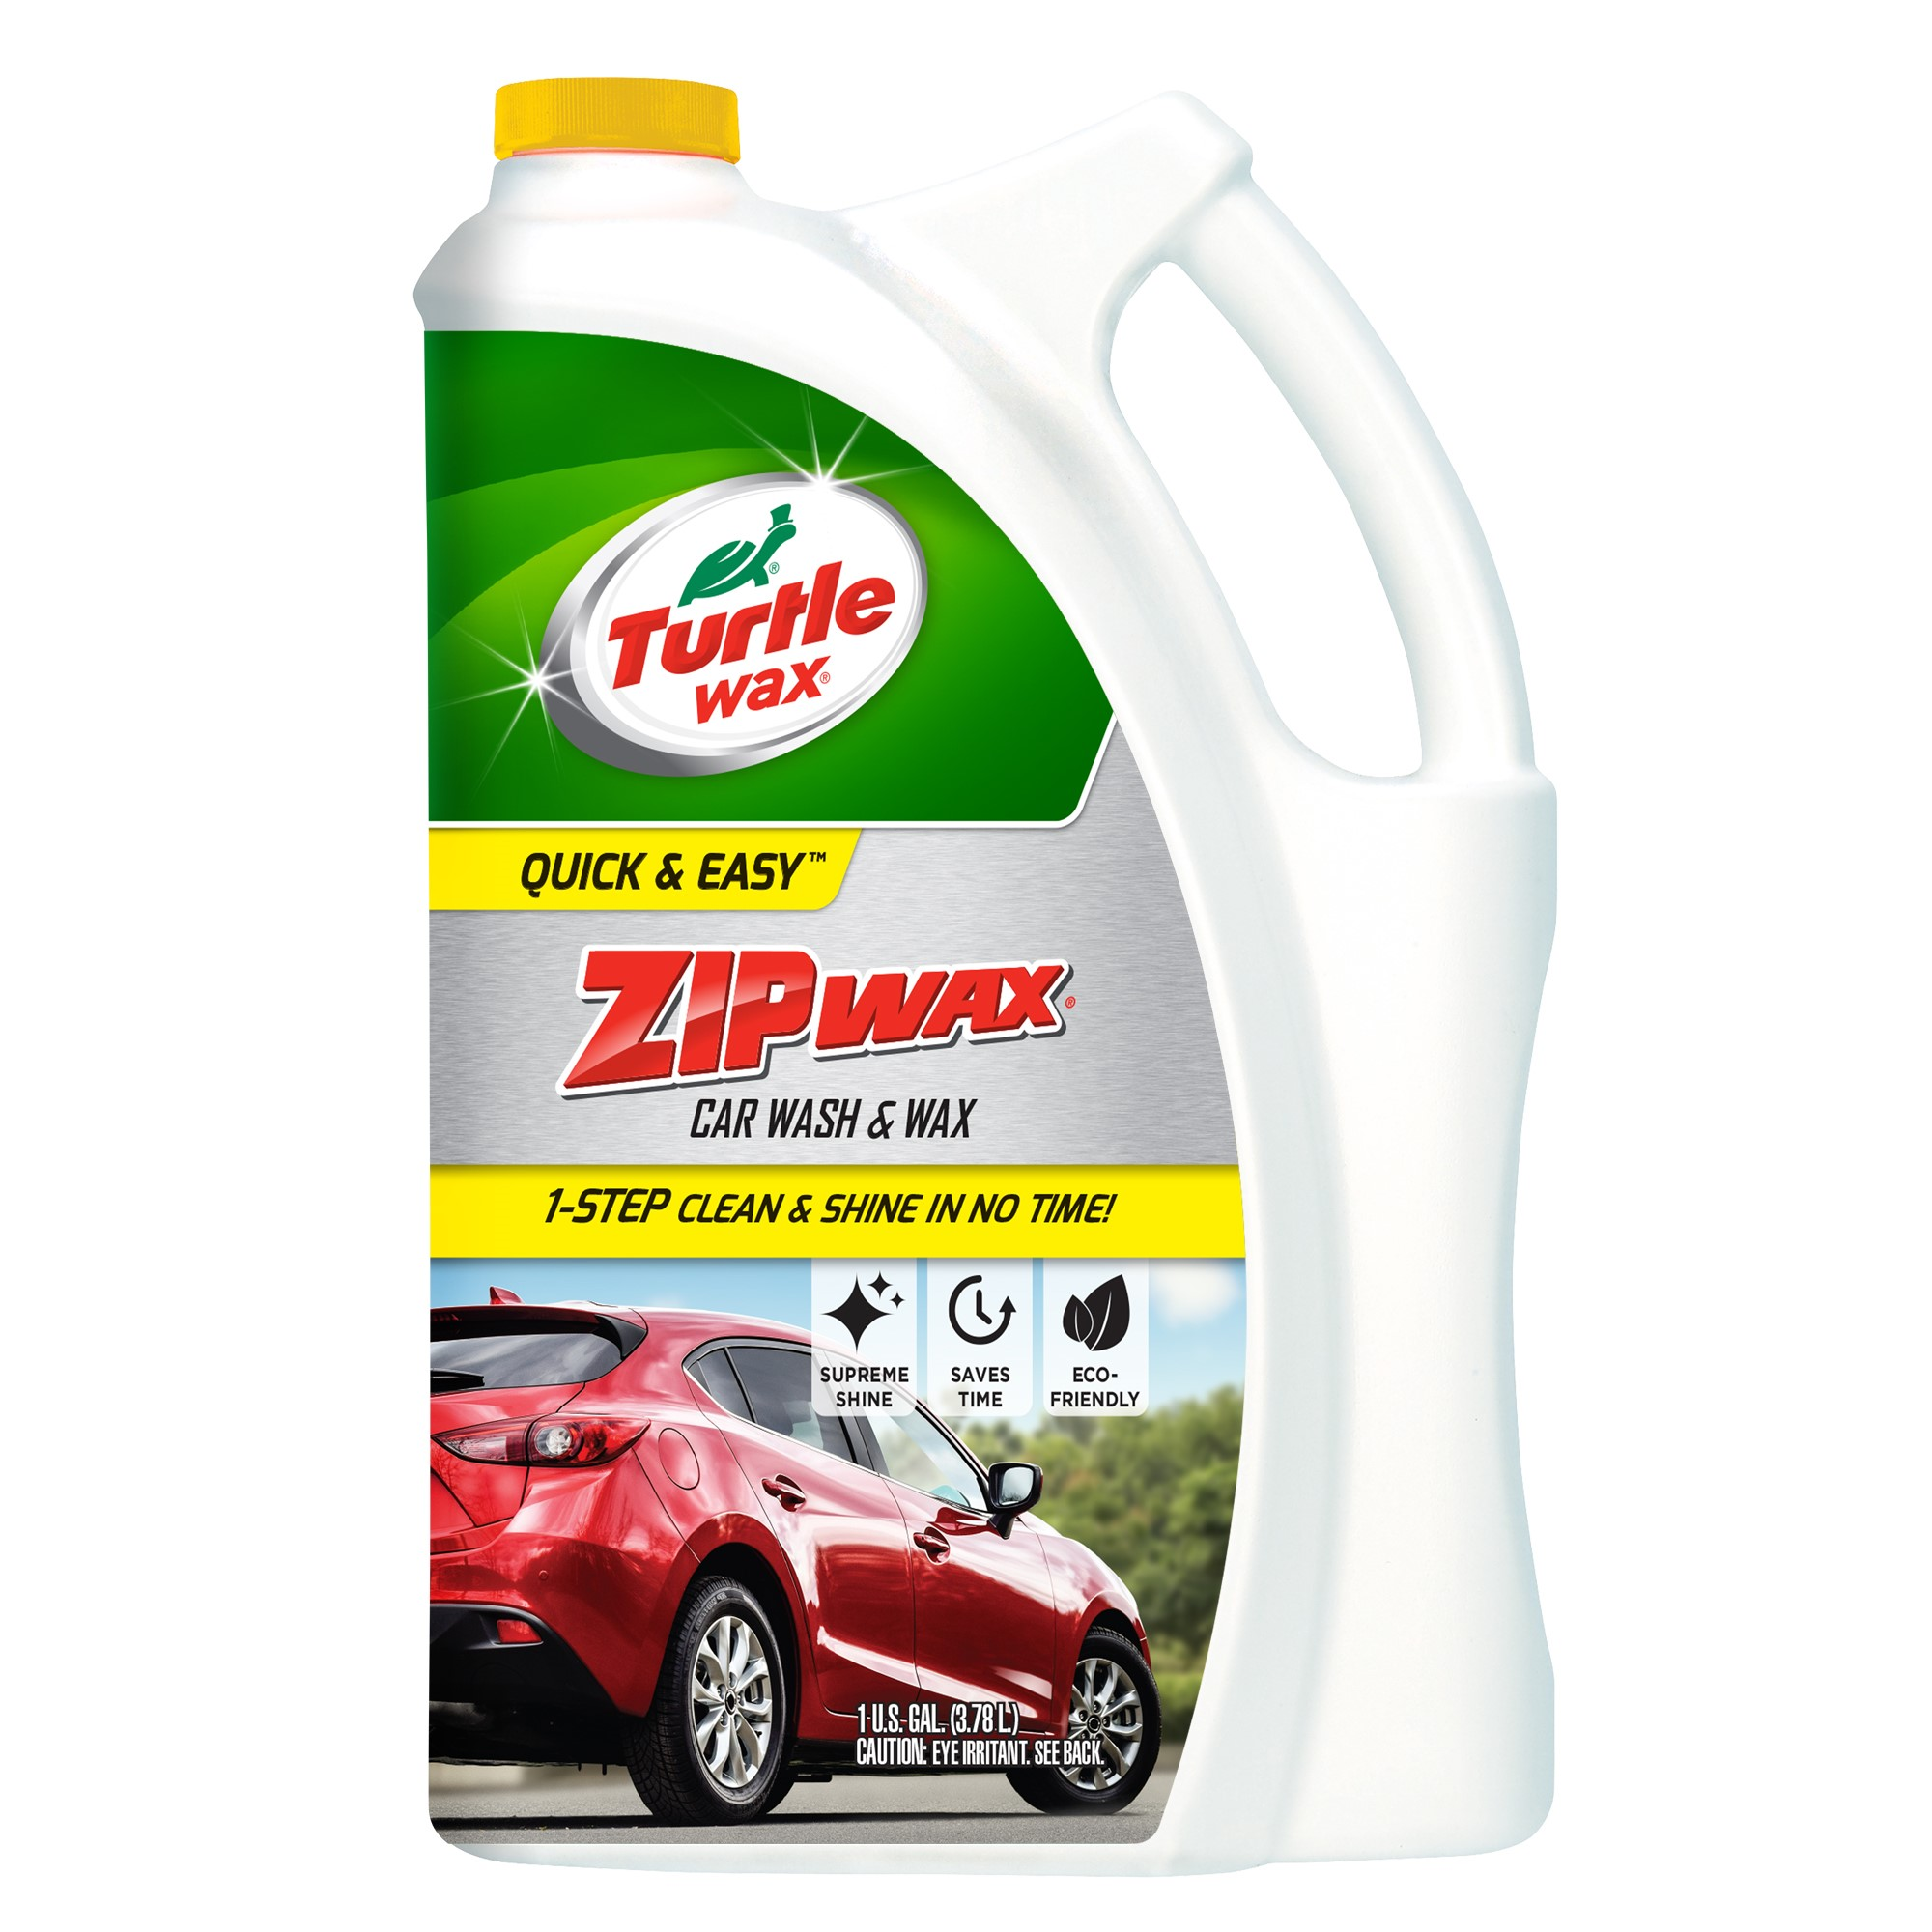 Turtle Wax Zip Wax Car Wash Walmartcom - Show car wash and wax